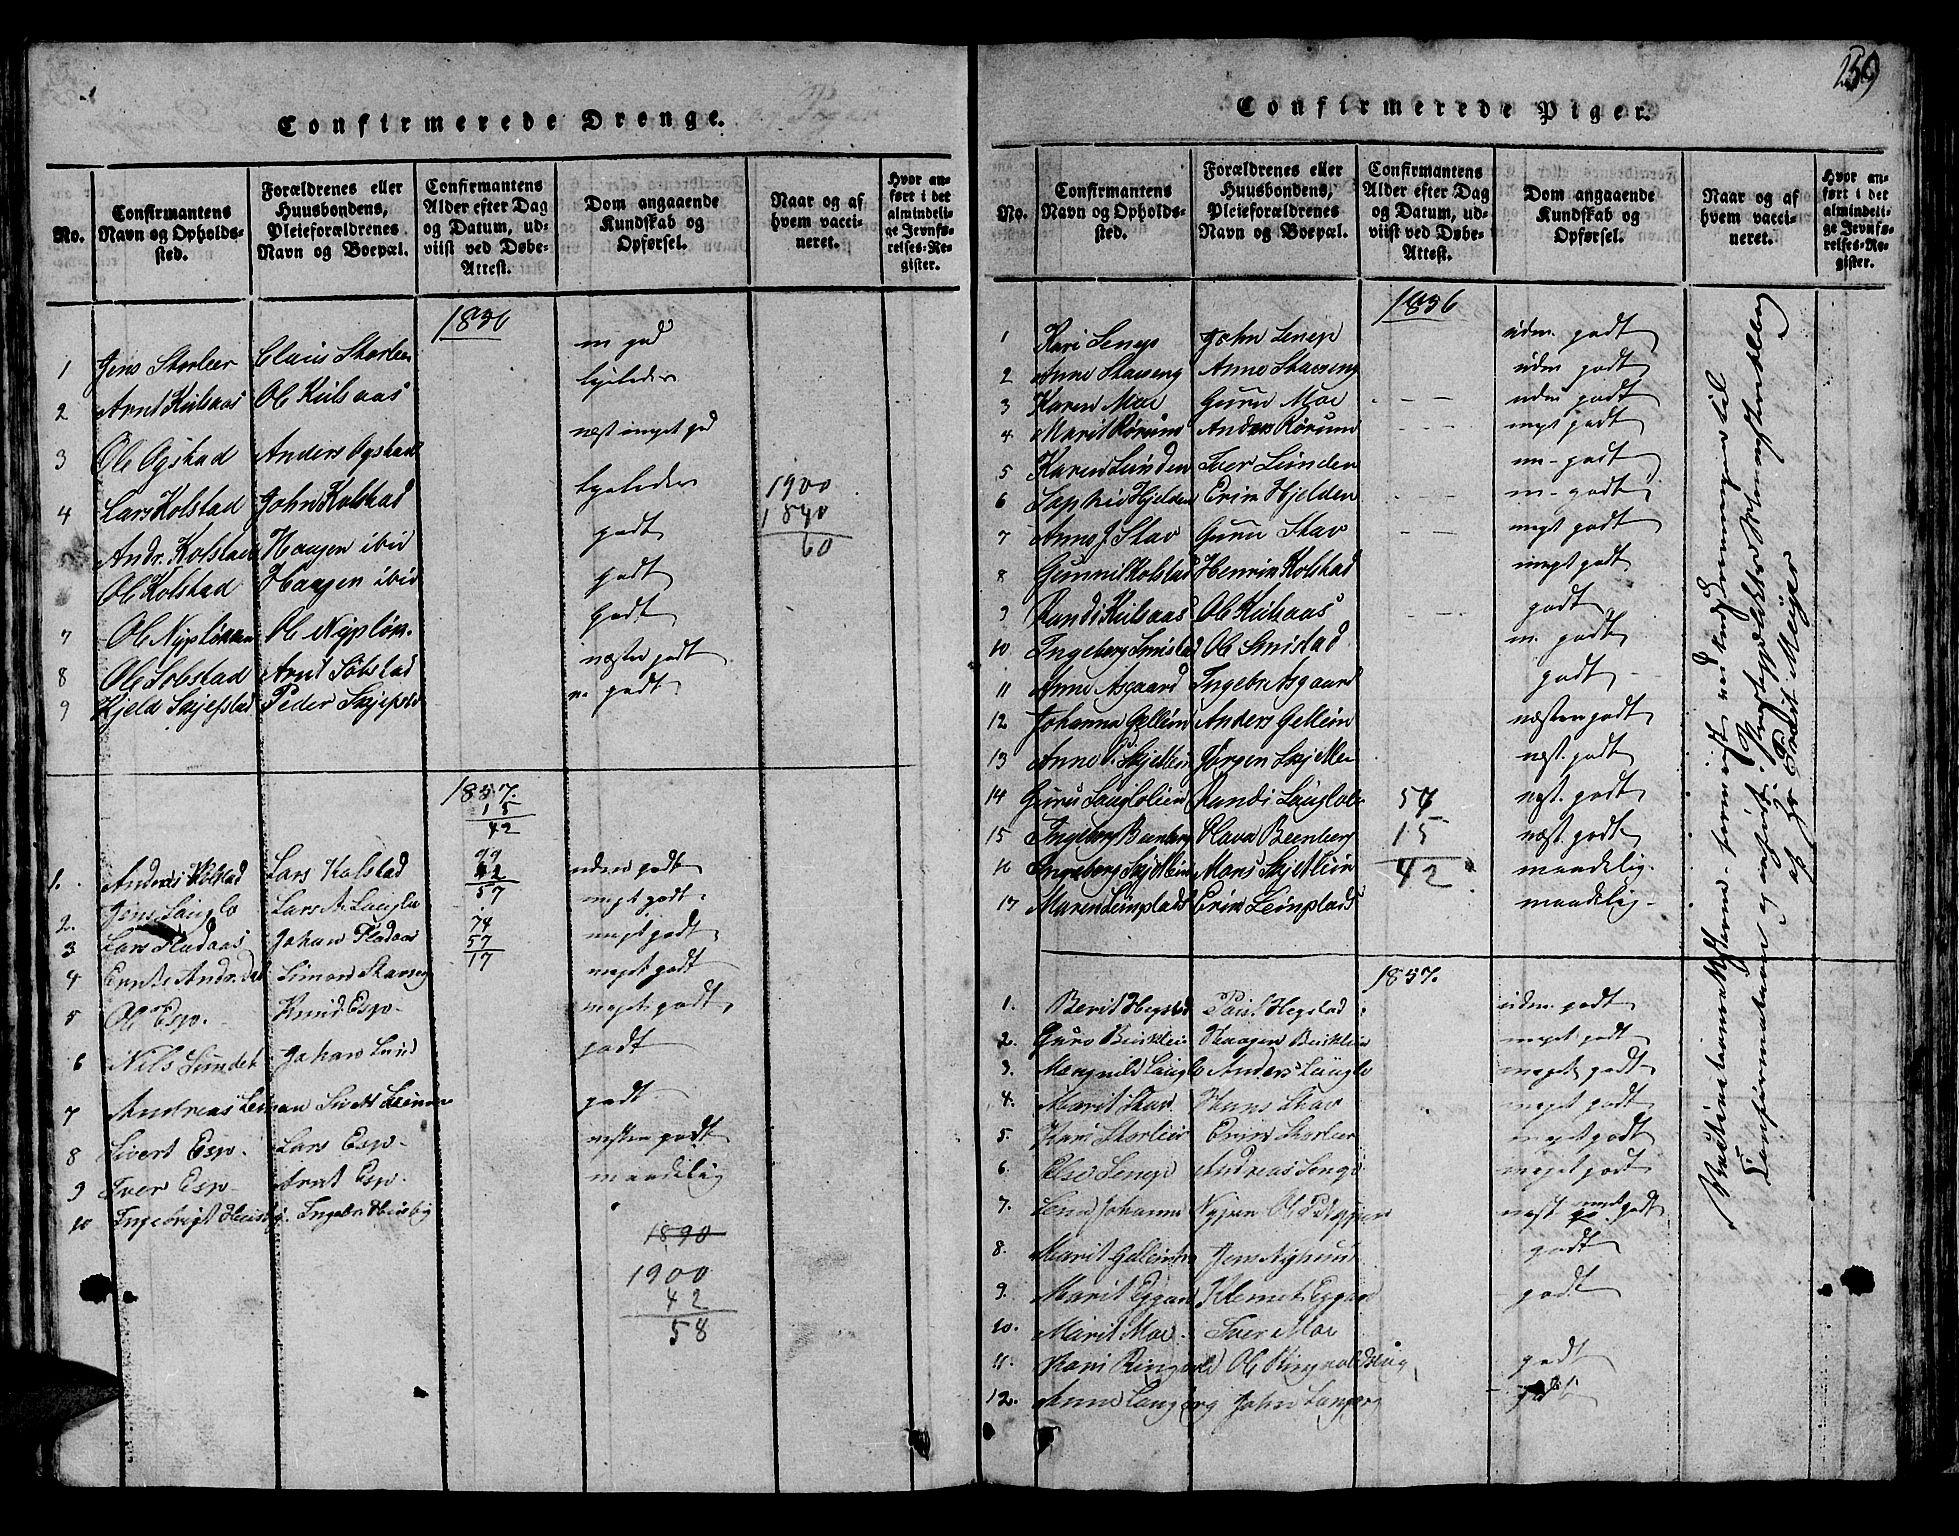 SAT, Ministerialprotokoller, klokkerbøker og fødselsregistre - Sør-Trøndelag, 613/L0393: Klokkerbok nr. 613C01, 1816-1886, s. 259